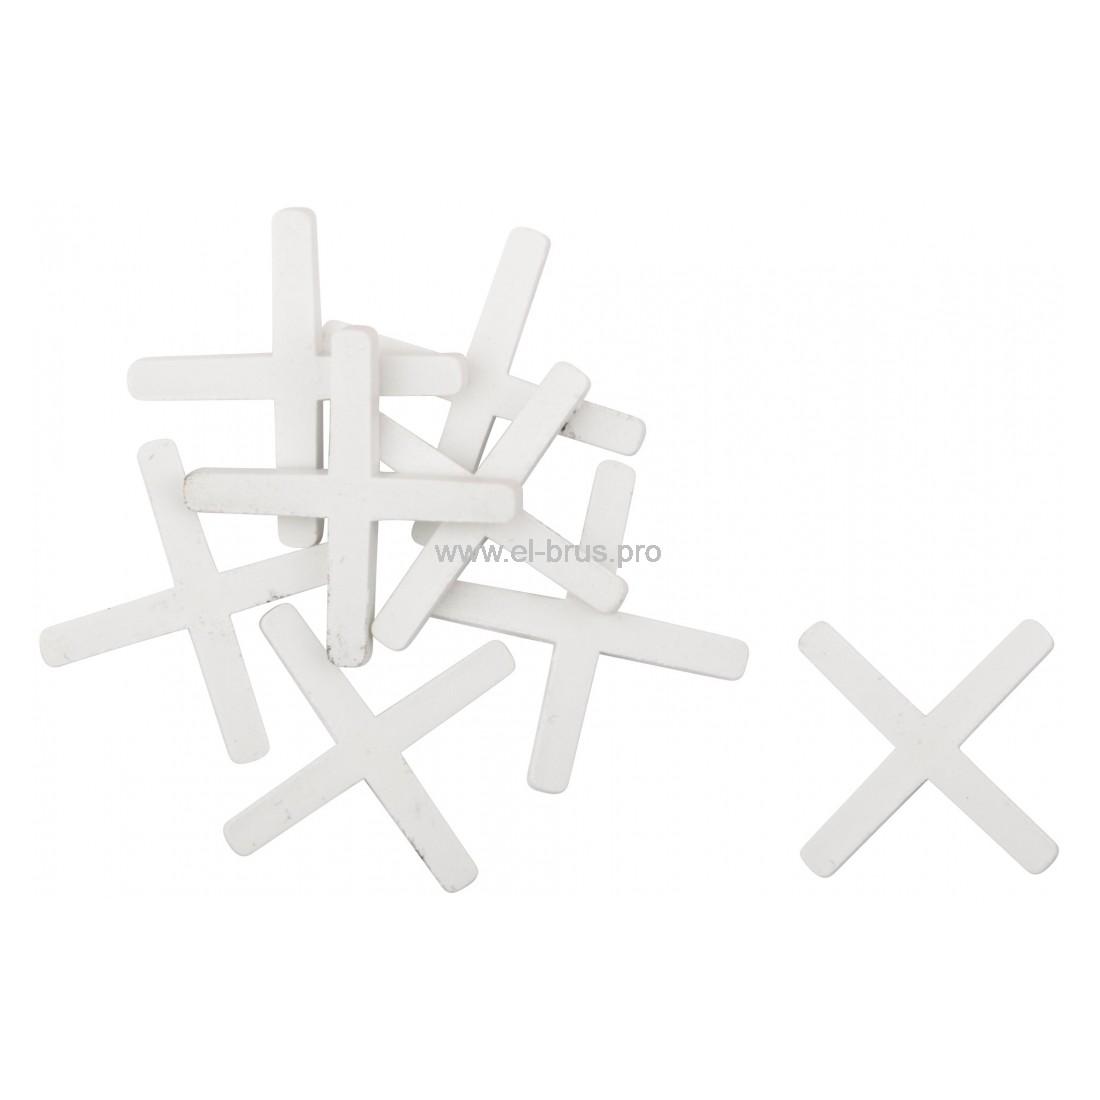 Крестики для плитки 3,0мм НАМЕРЕНИЕ 150шт